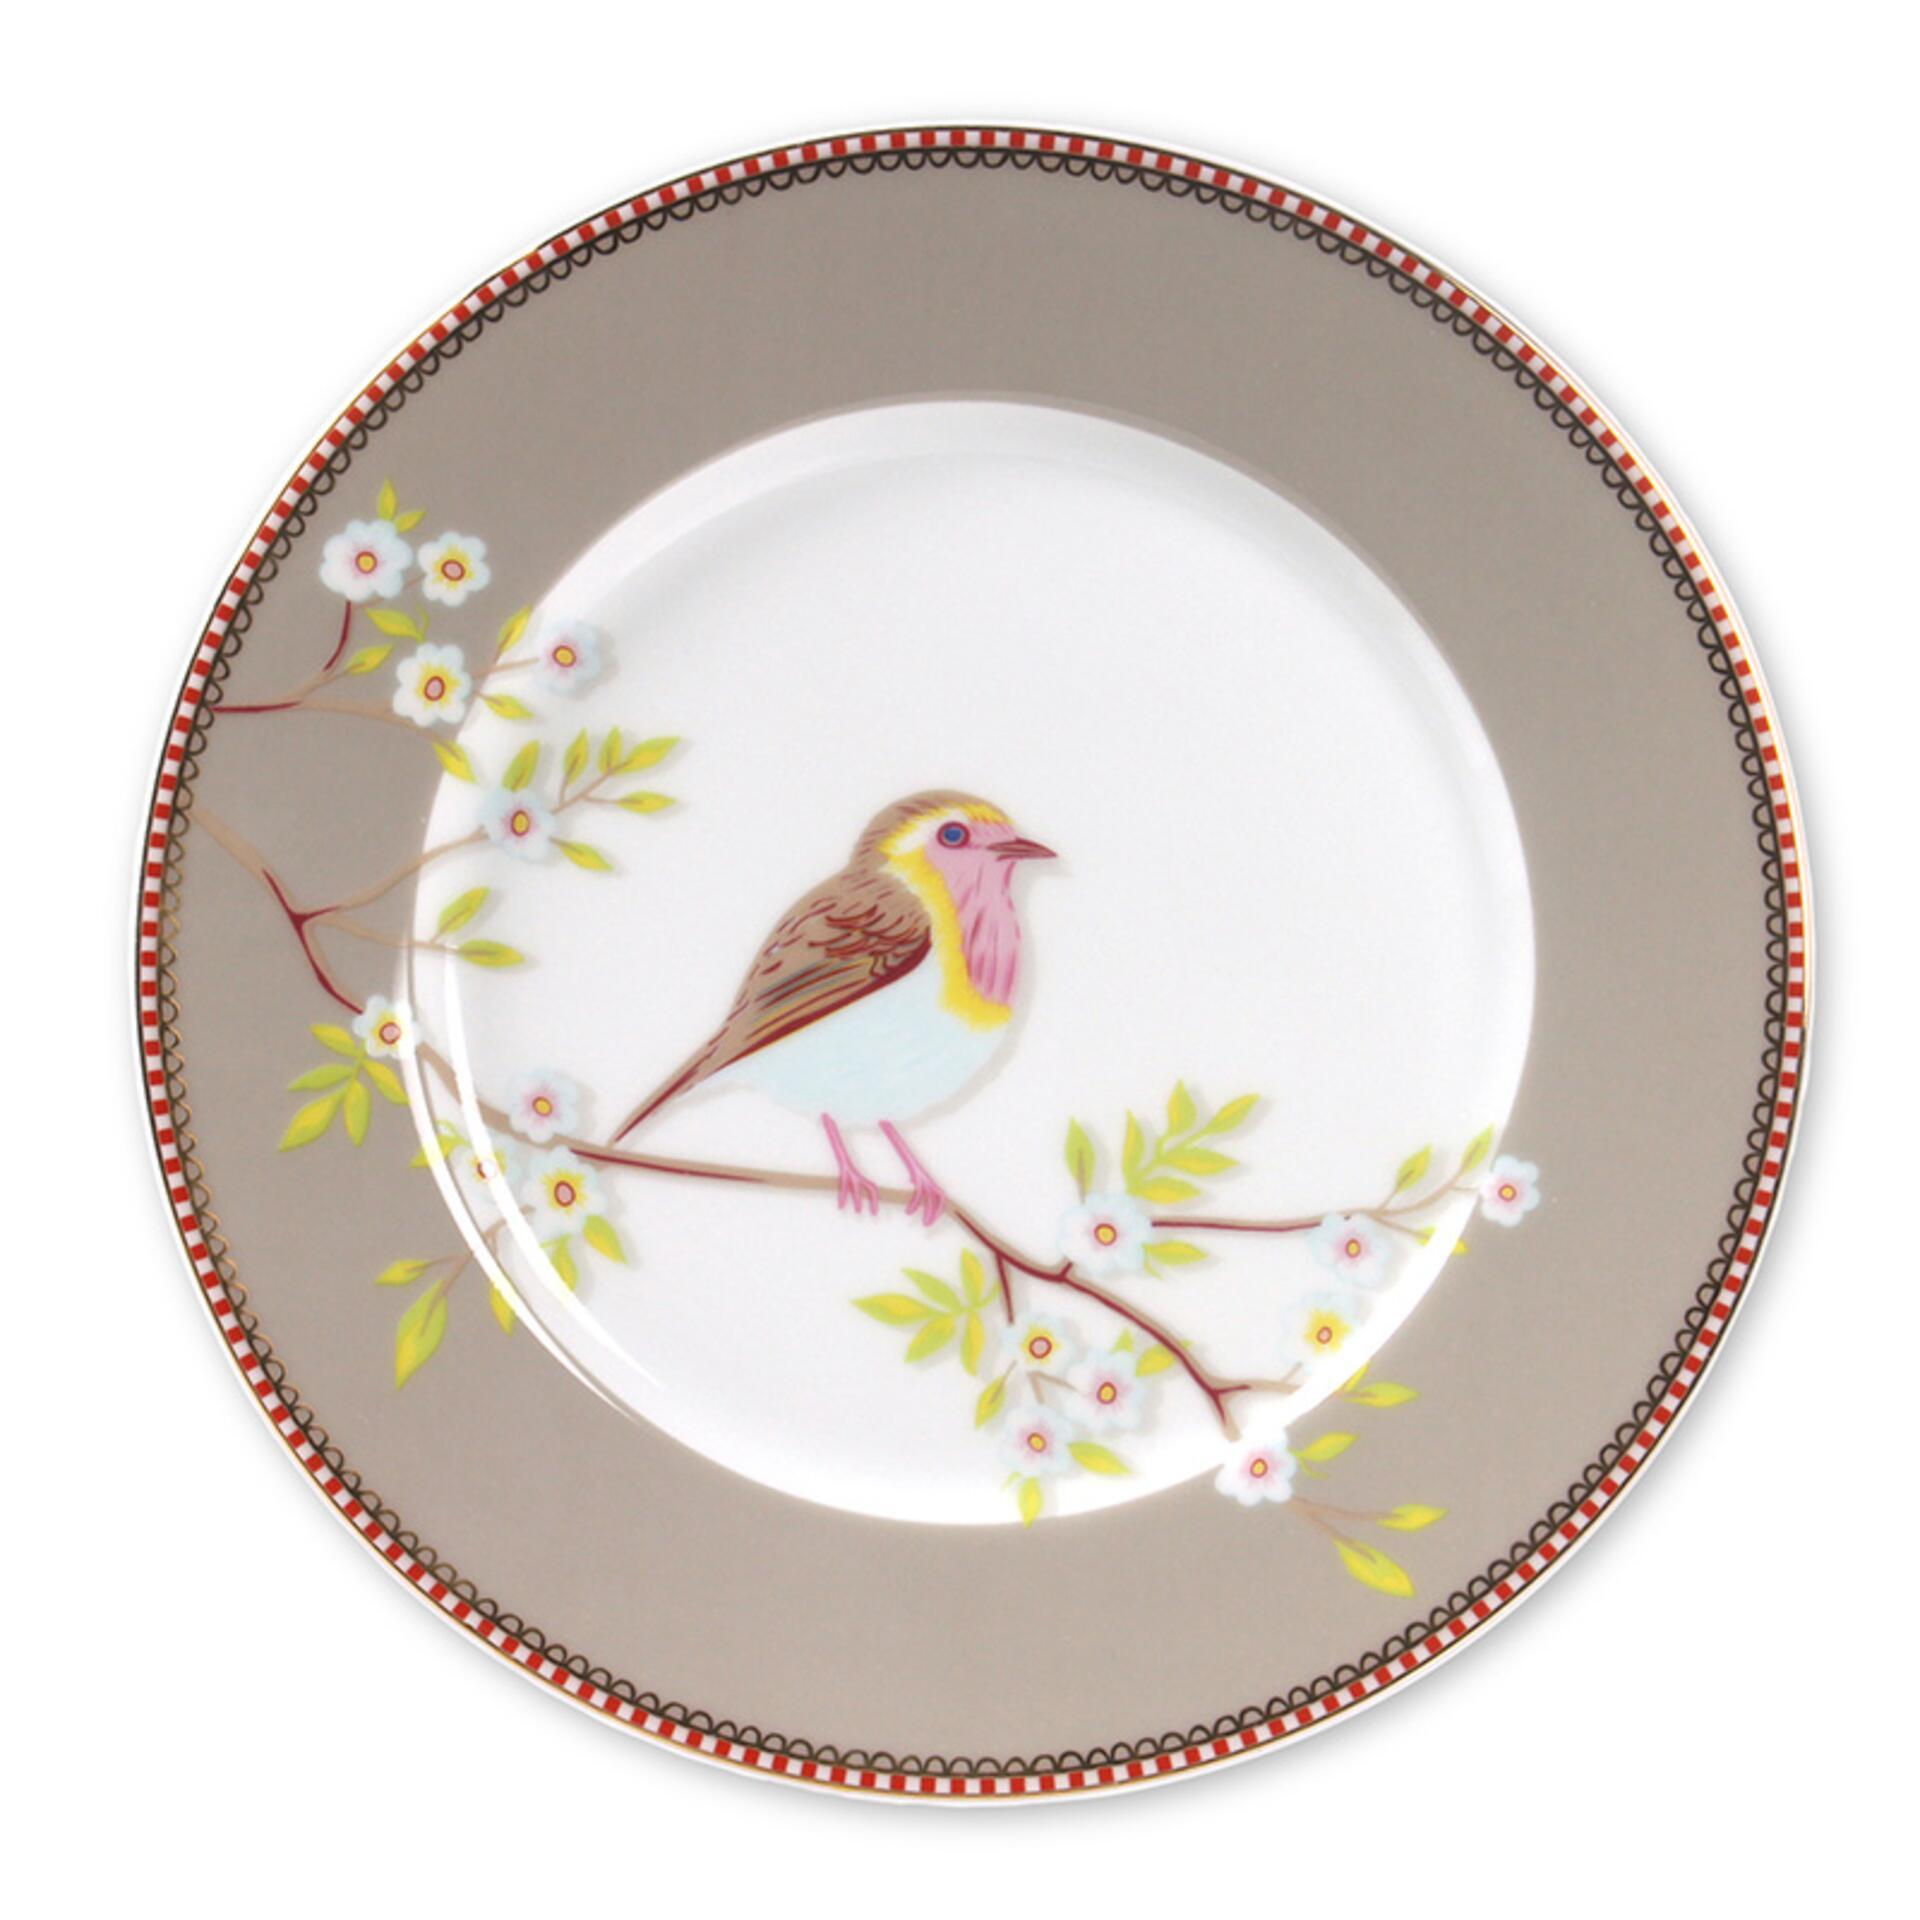 PiP Porzellan Frühstücksteller Early Bird Khaki